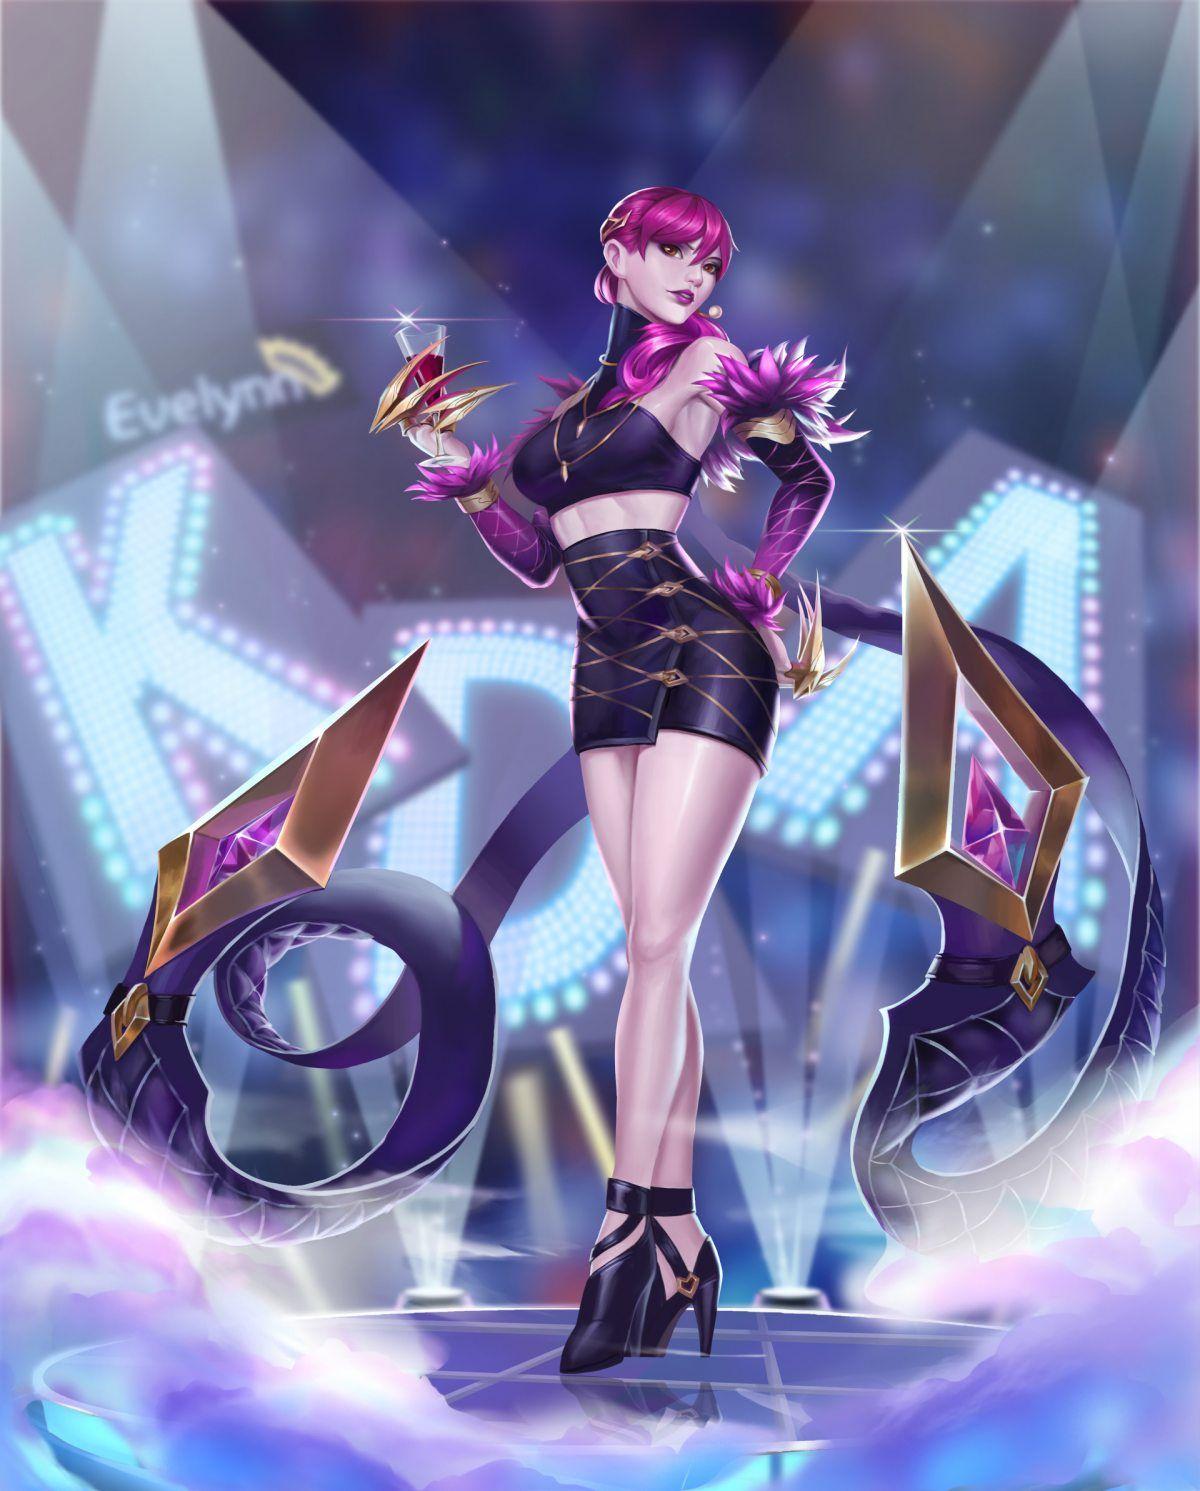 K Da Evelynn By Li Yang Hd Wallpaper Background Fan Art Artwork League Of Legends Lol Lol League Of Legends League Of Legends League Of Legends Characters